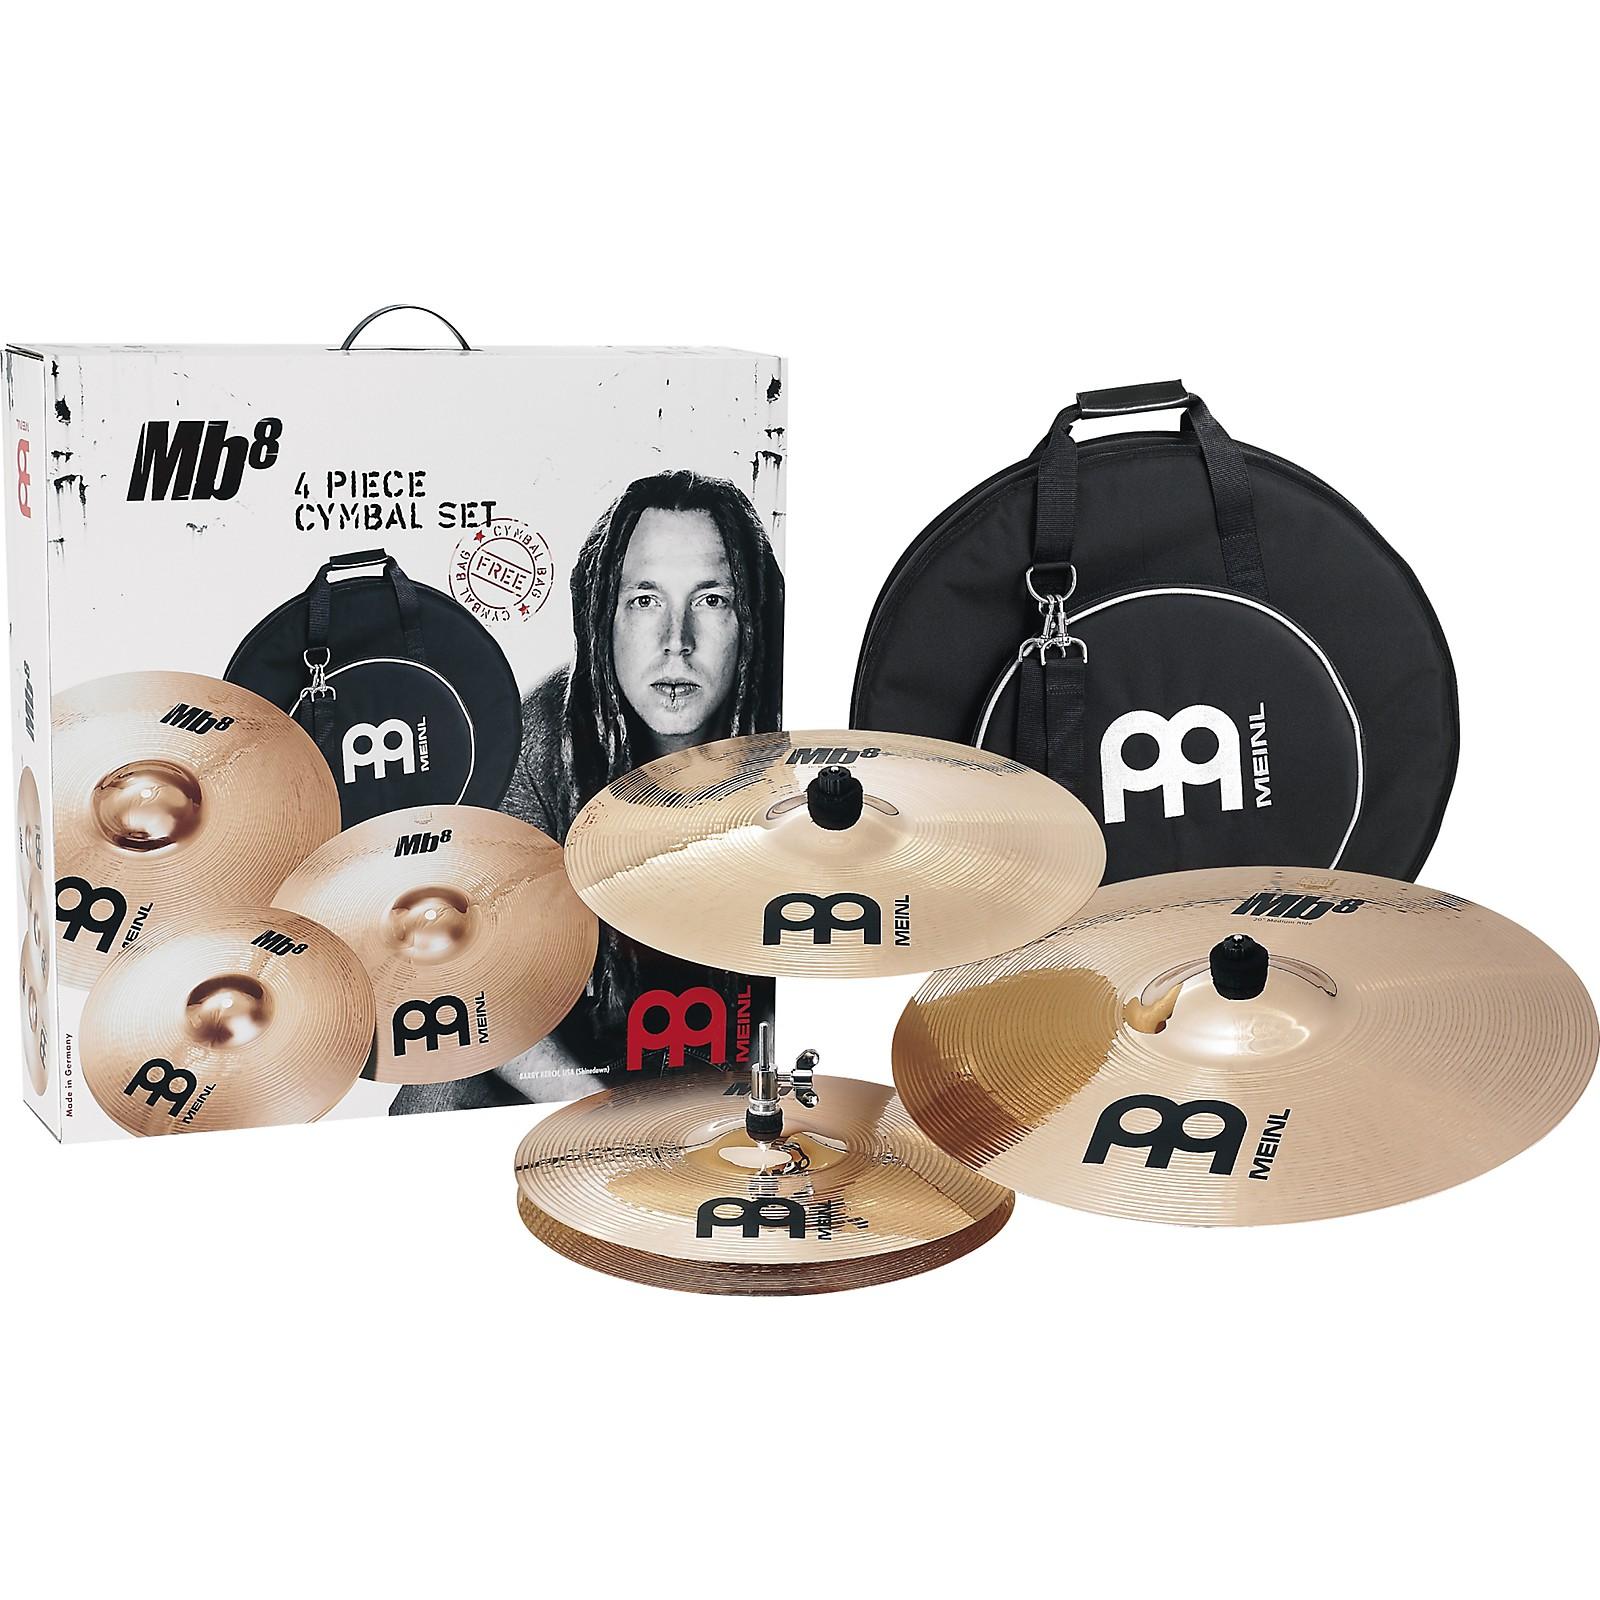 Open Box Meinl Mb8 Rock Cymbal Set